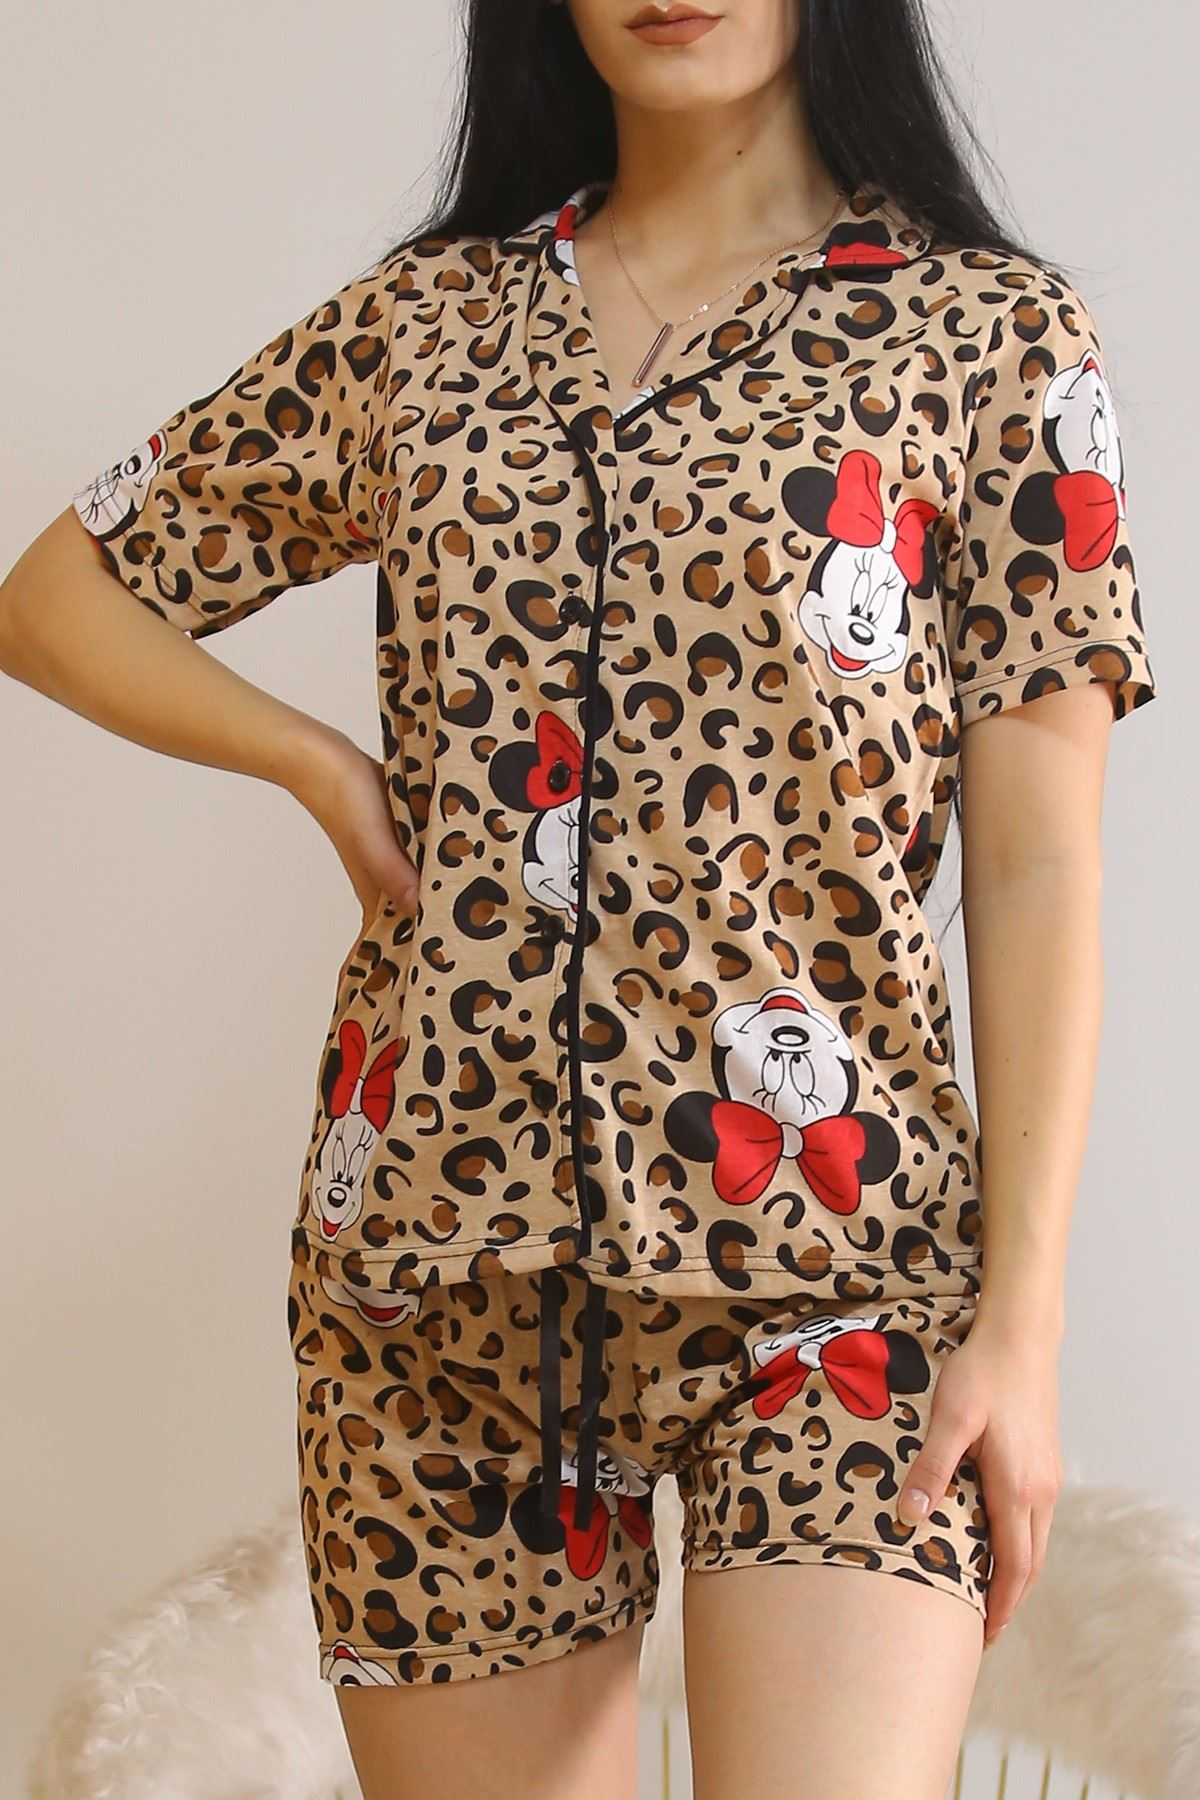 Şortlu Pijama Takımı Leopar1 - 5979.102.